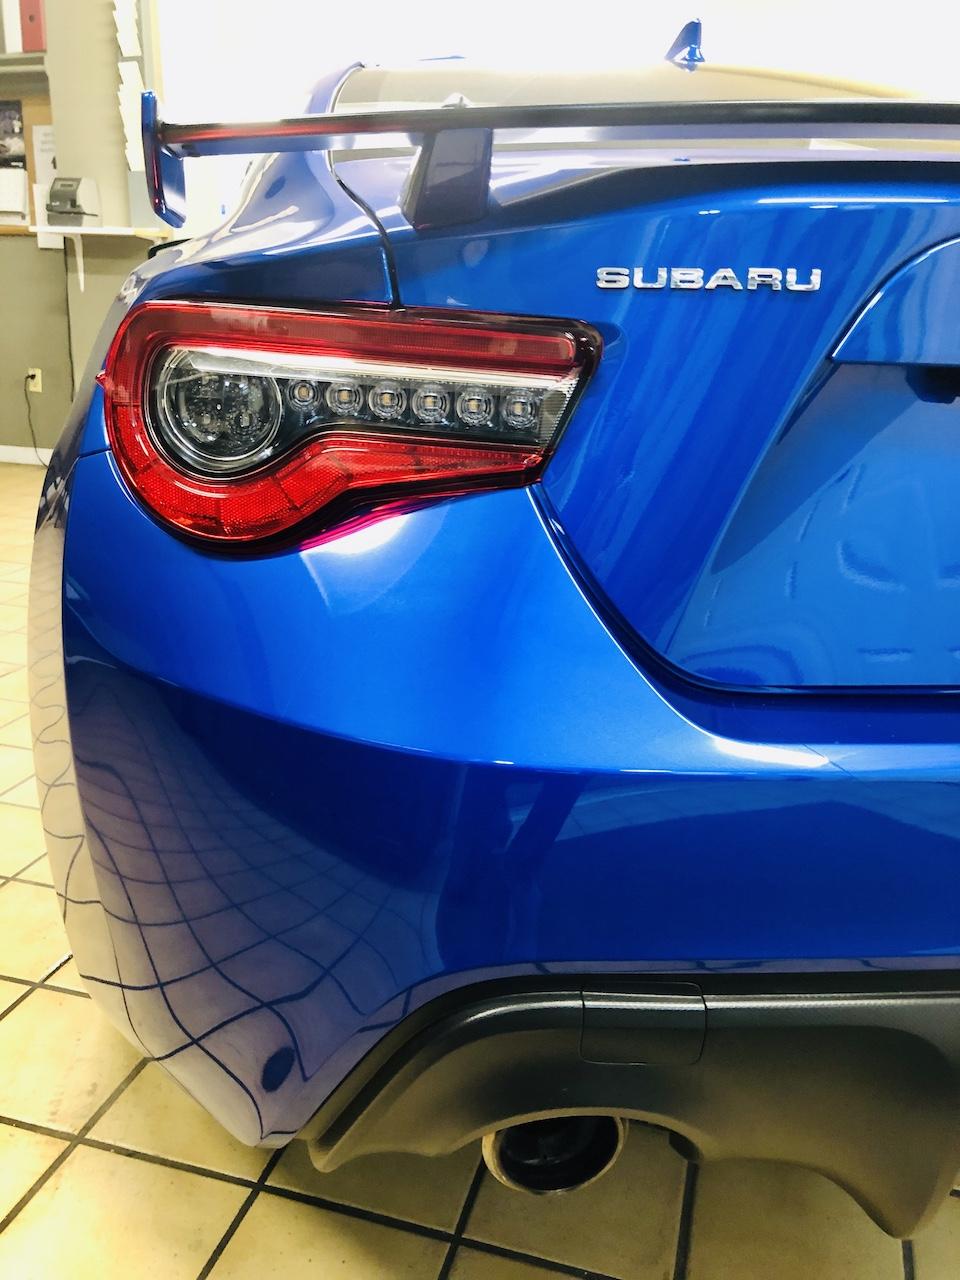 Subaru repair at Nylund's Collision Center